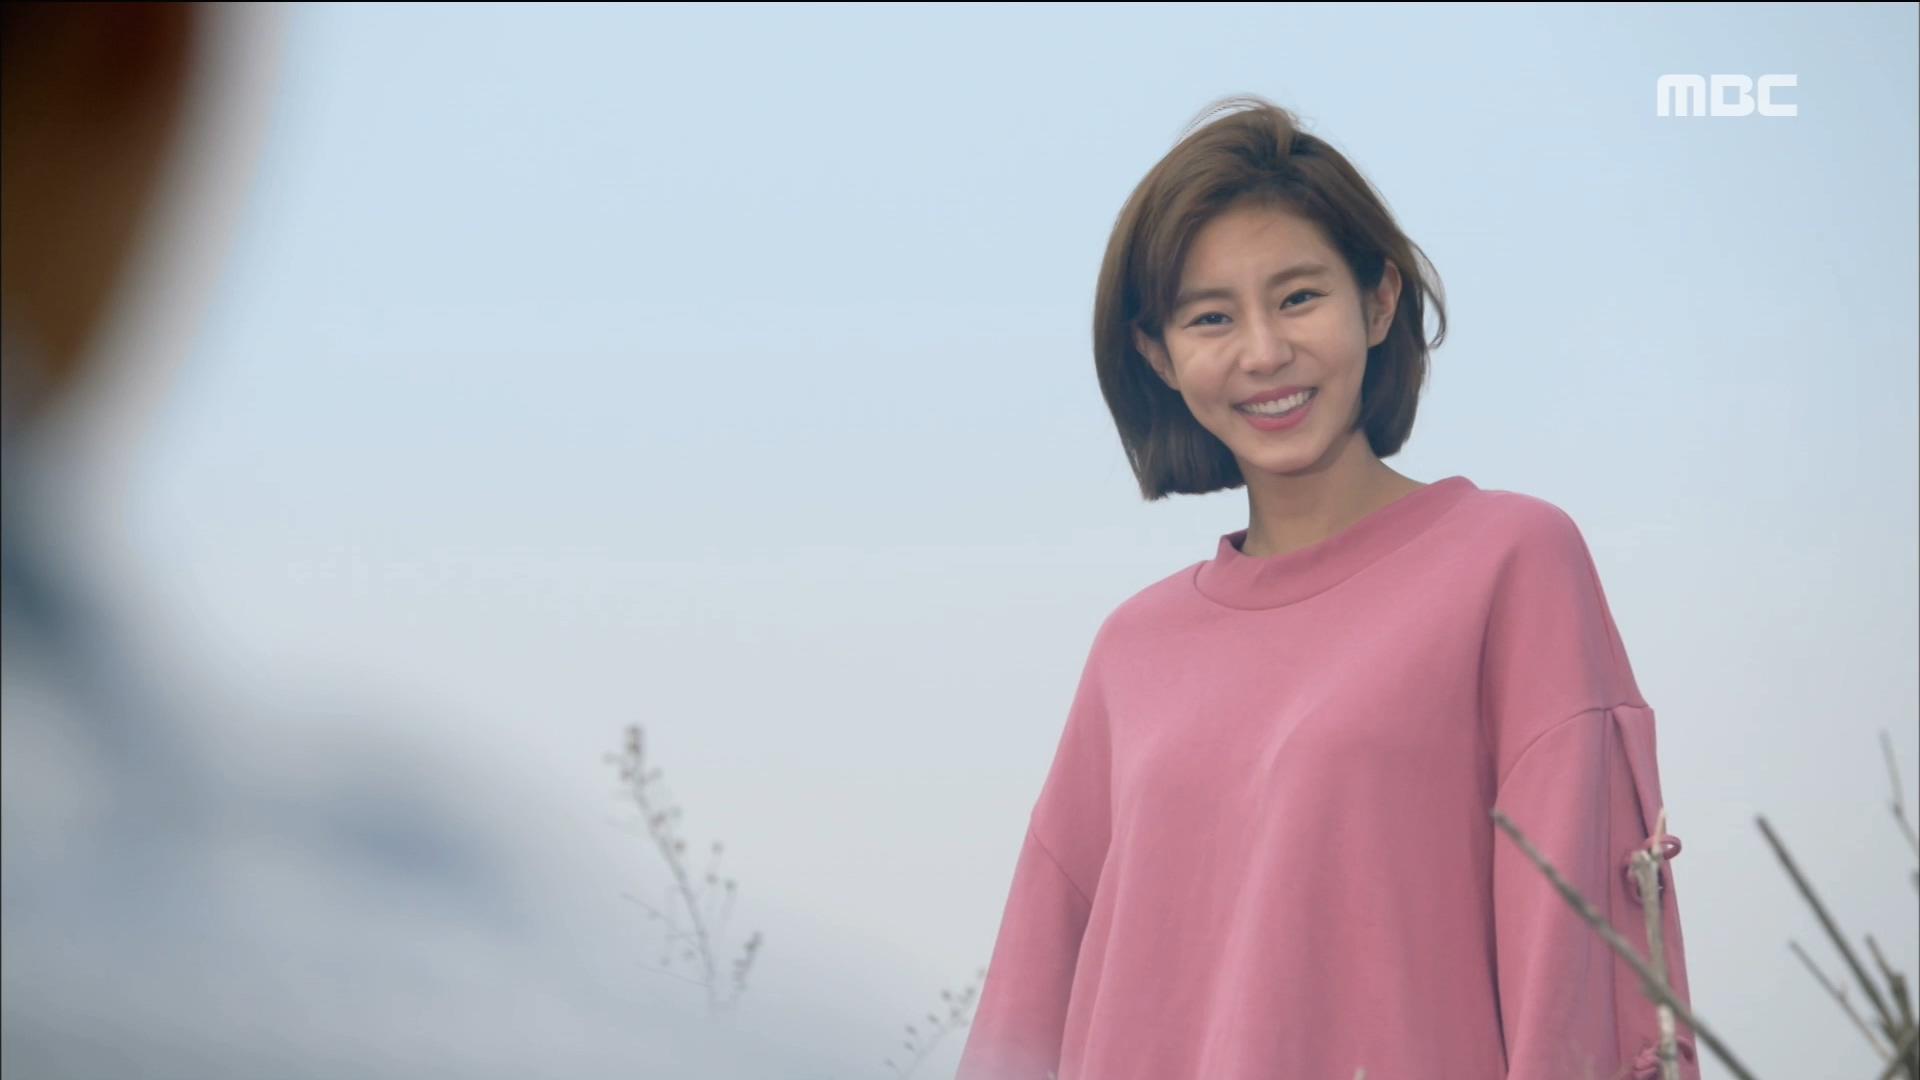 유이♡김강우의 진짜 신혼 생활! 그저 바라만 봐도 좋아♡